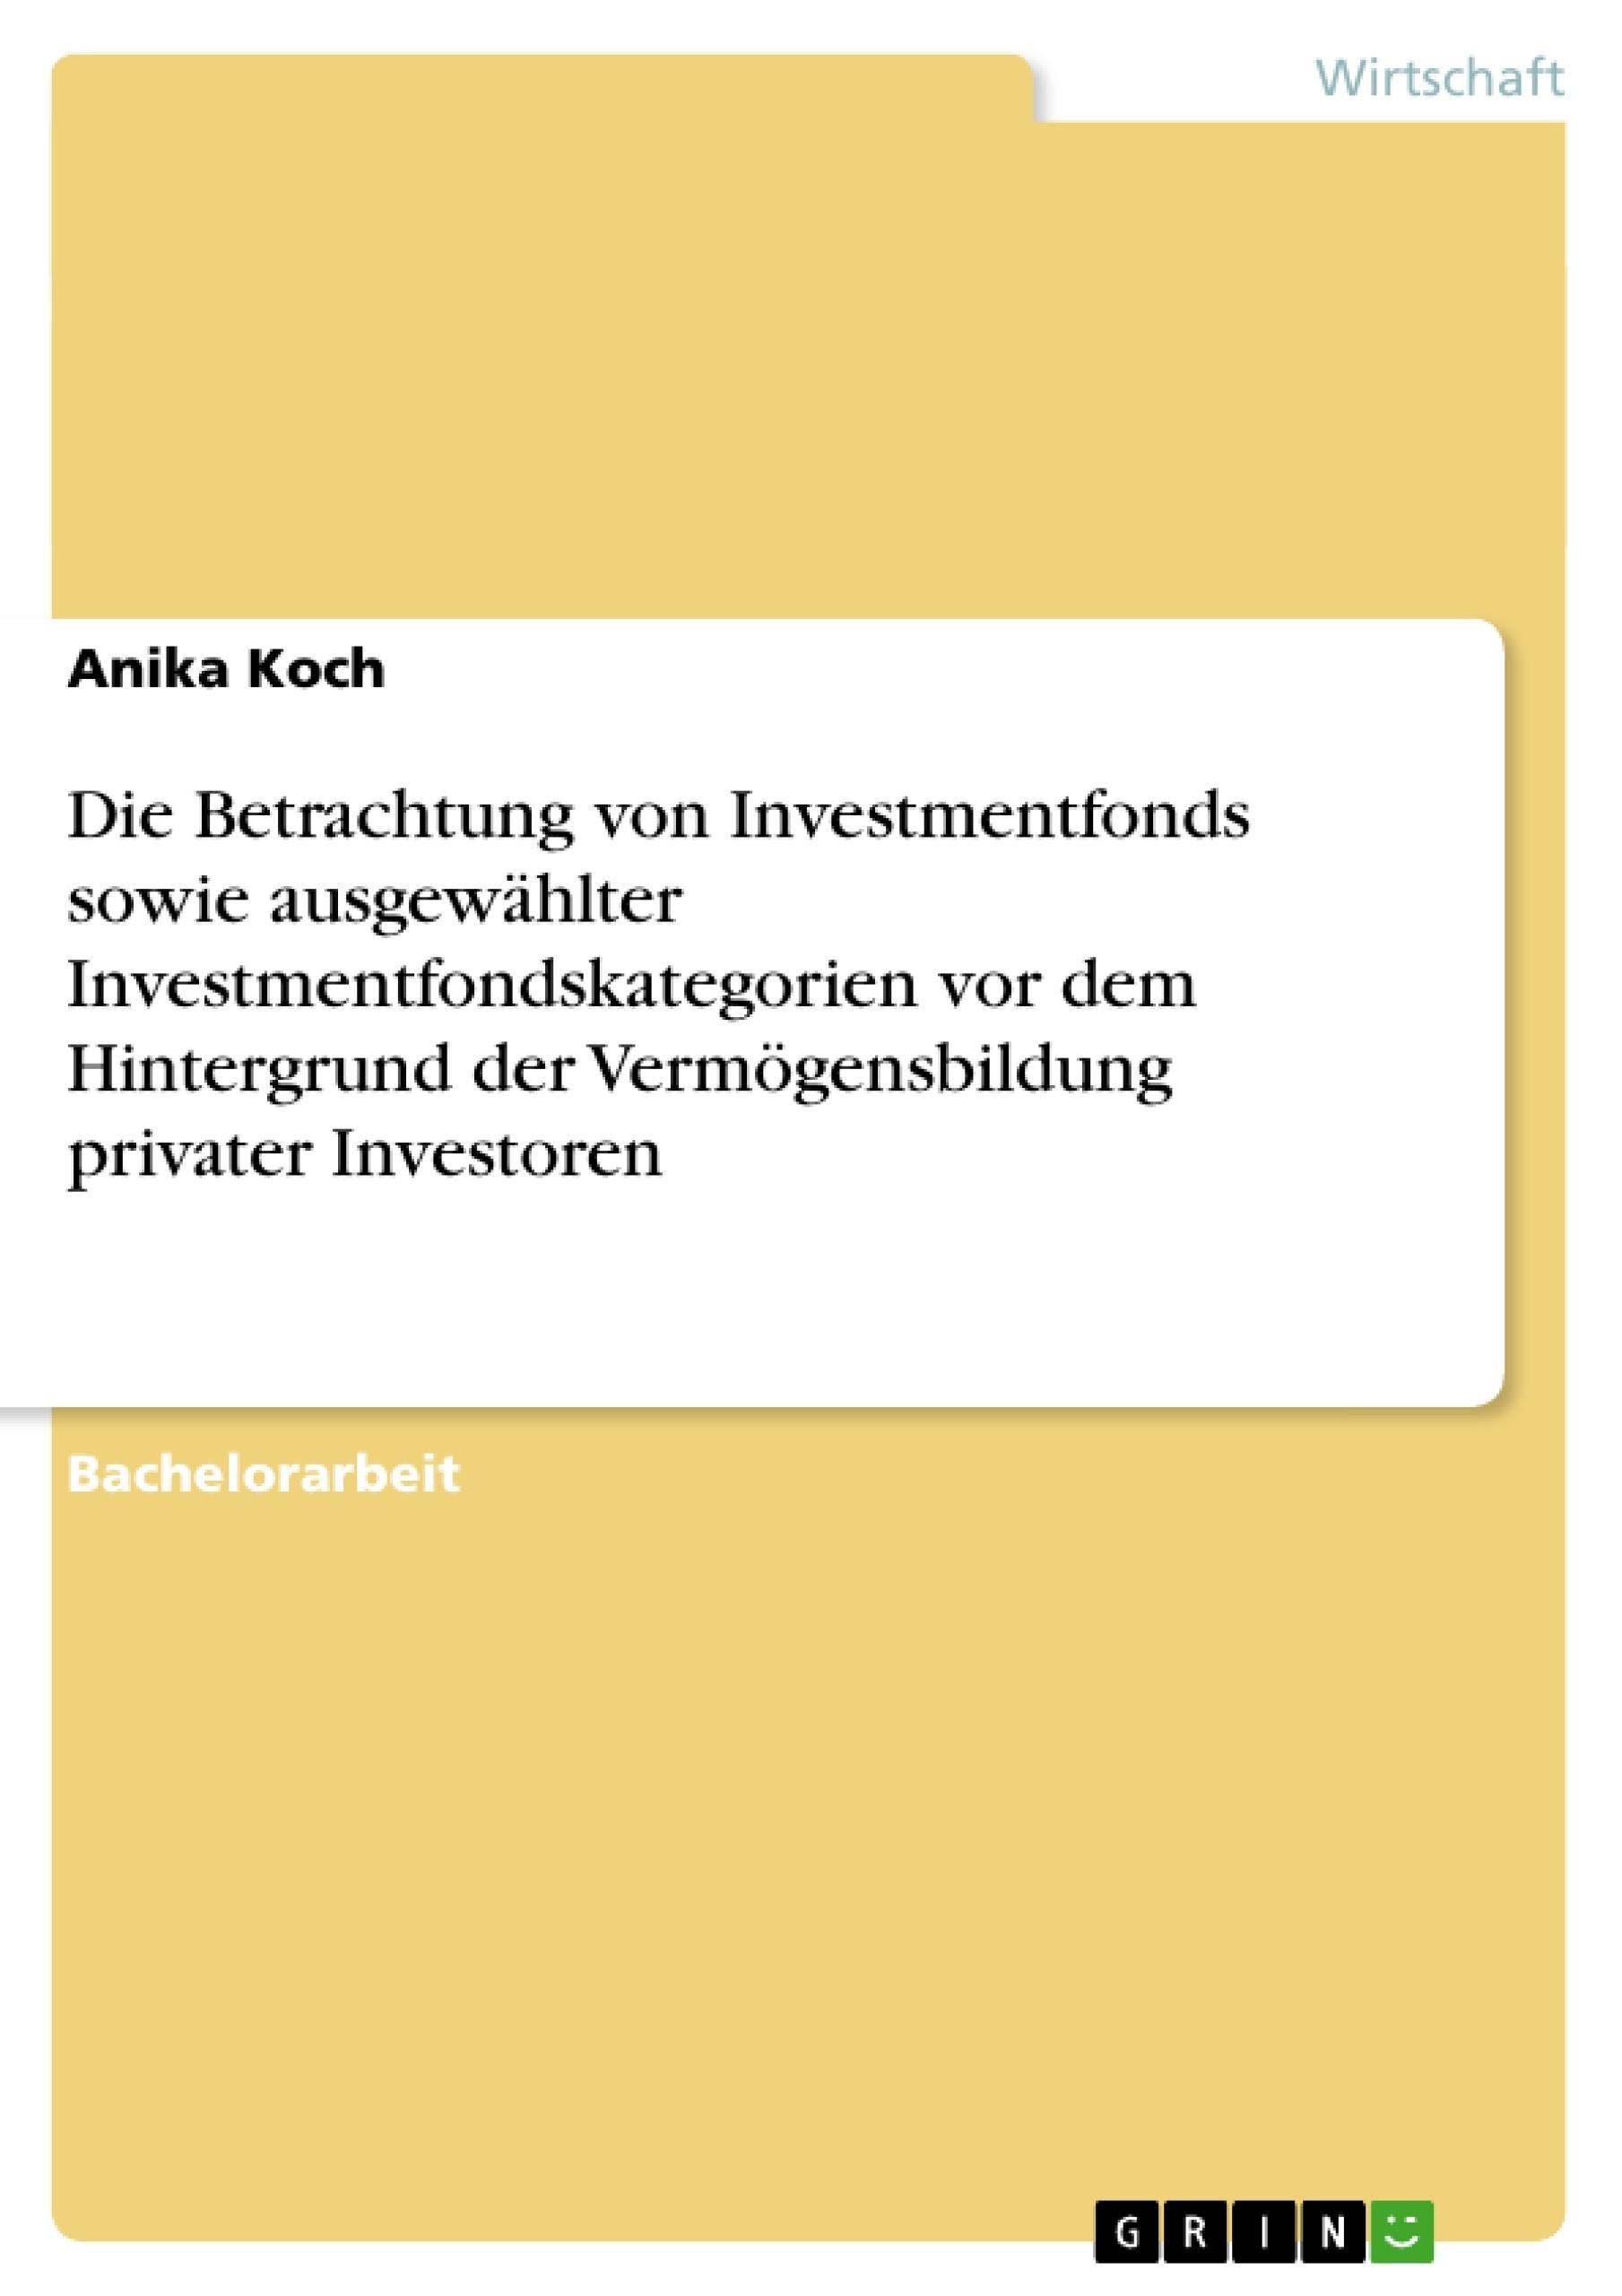 Titel: Die Betrachtung von Investmentfonds sowie ausgewählter Investmentfondskategorien vor dem Hintergrund der Vermögensbildung privater Investoren